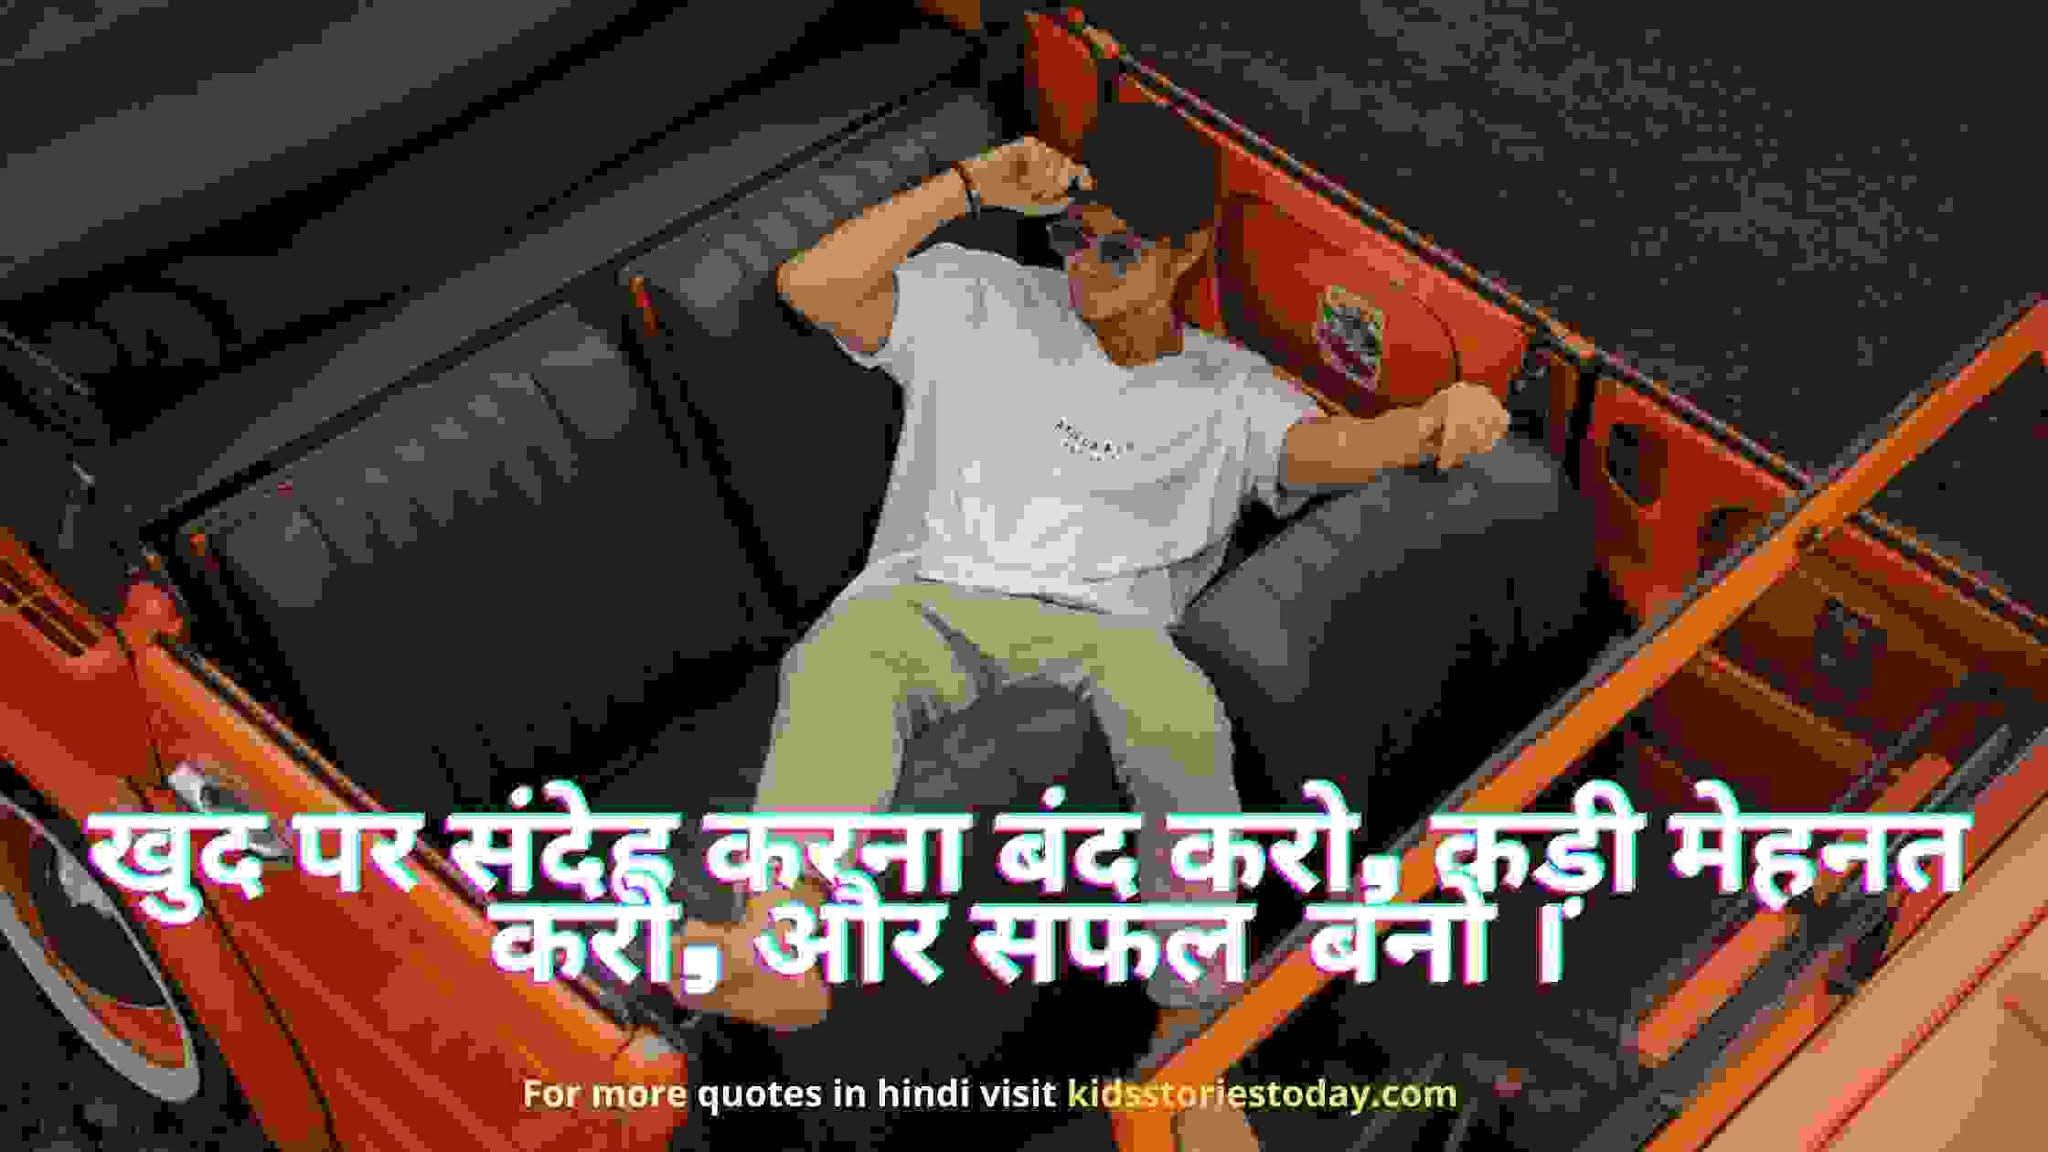 Hhud_par_sandeh_karna_bandh_karo